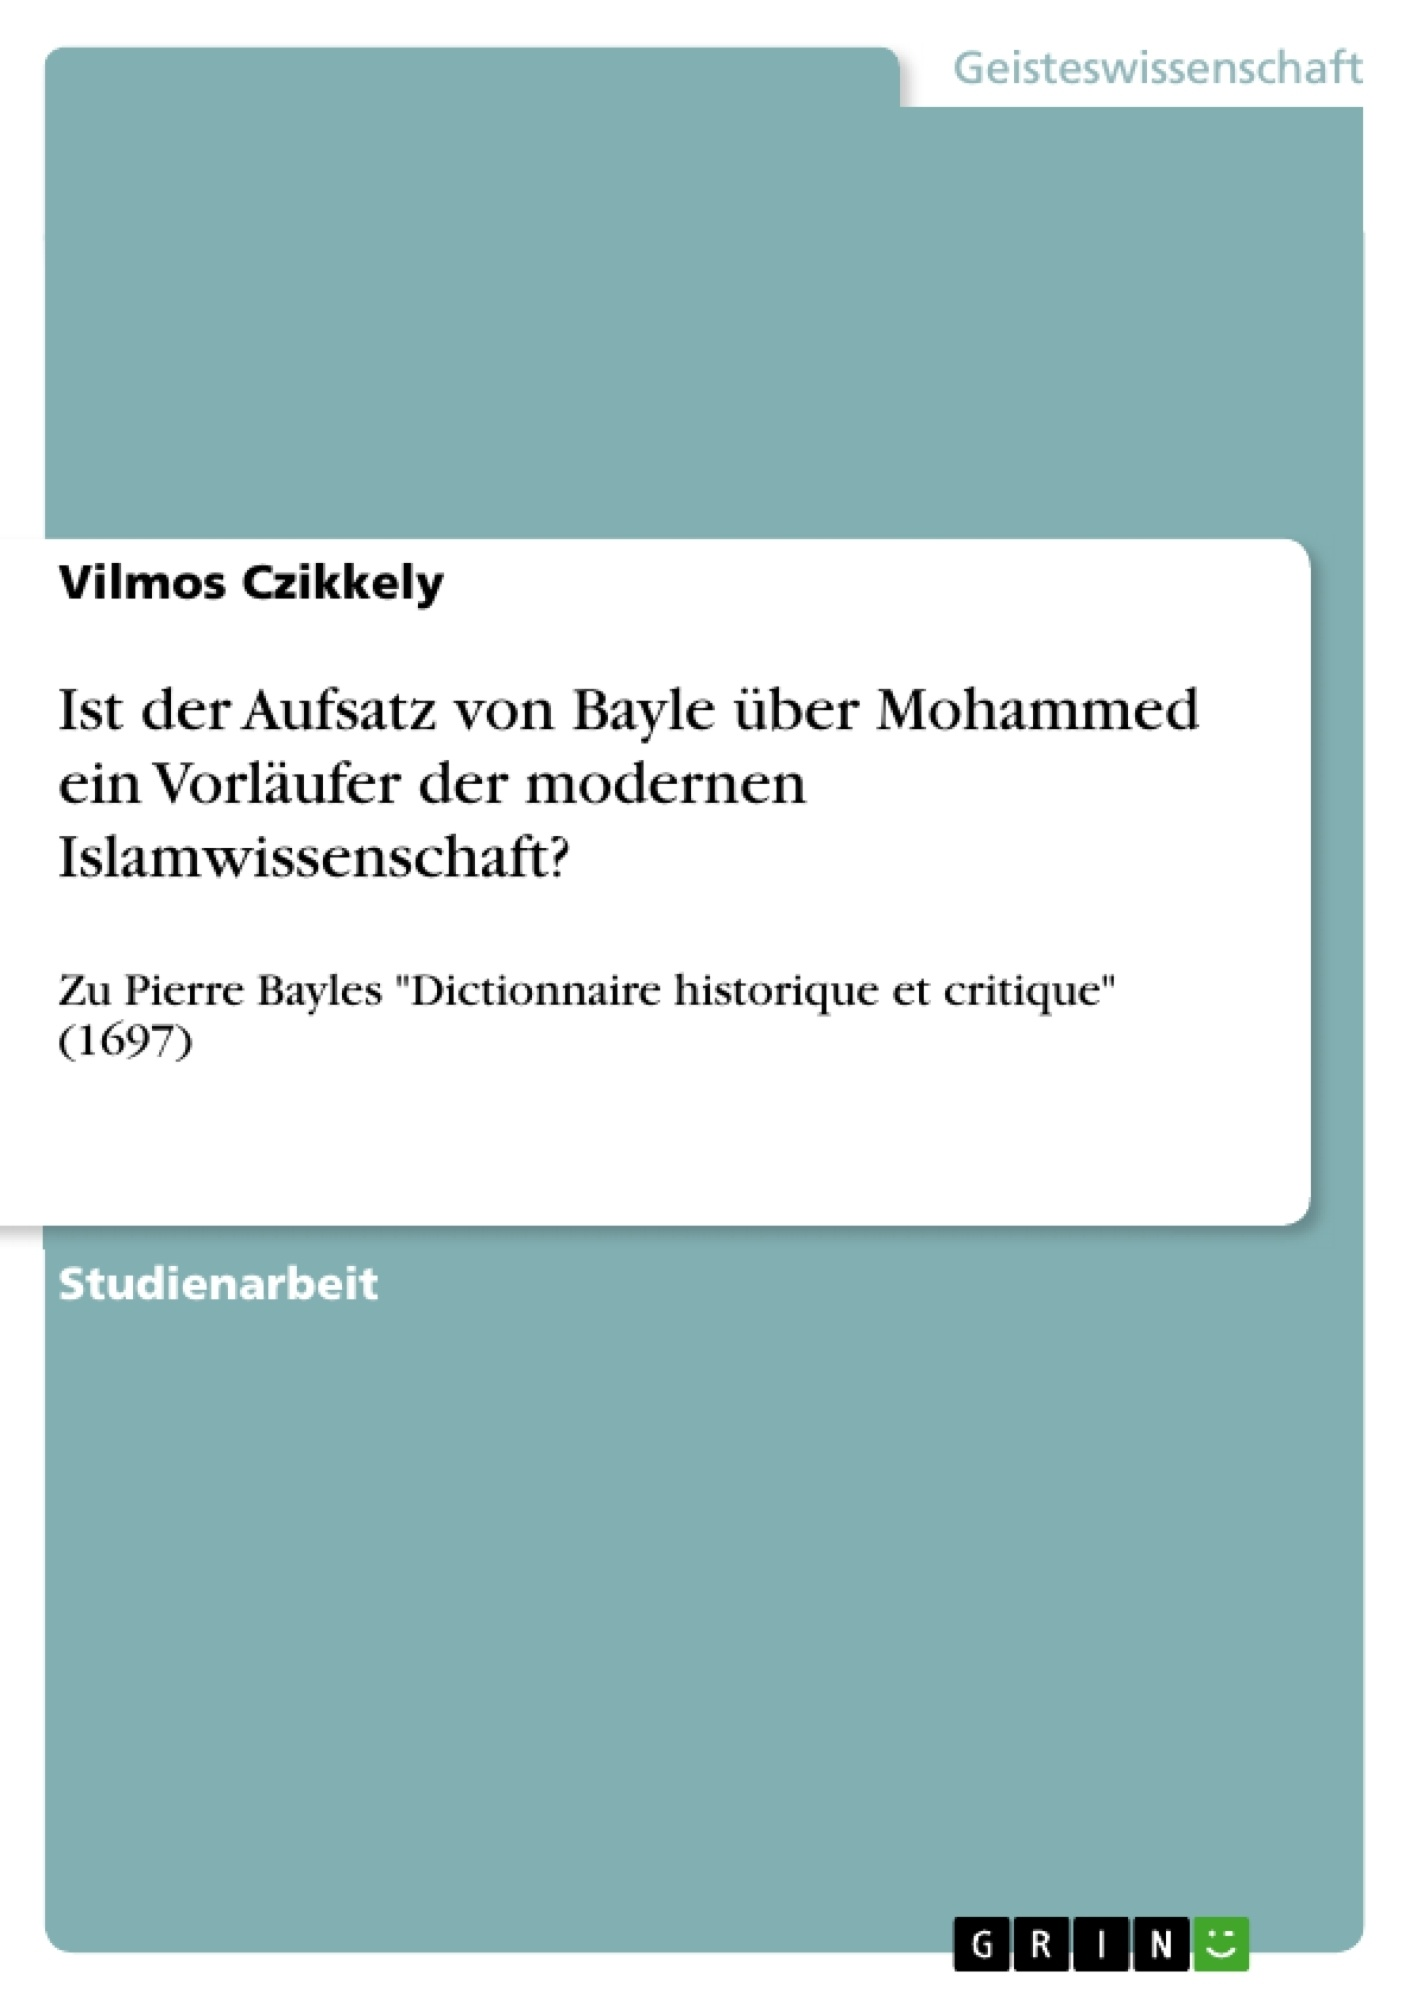 Titel: Ist der Aufsatz von Bayle über Mohammed ein Vorläufer der modernen Islamwissenschaft?